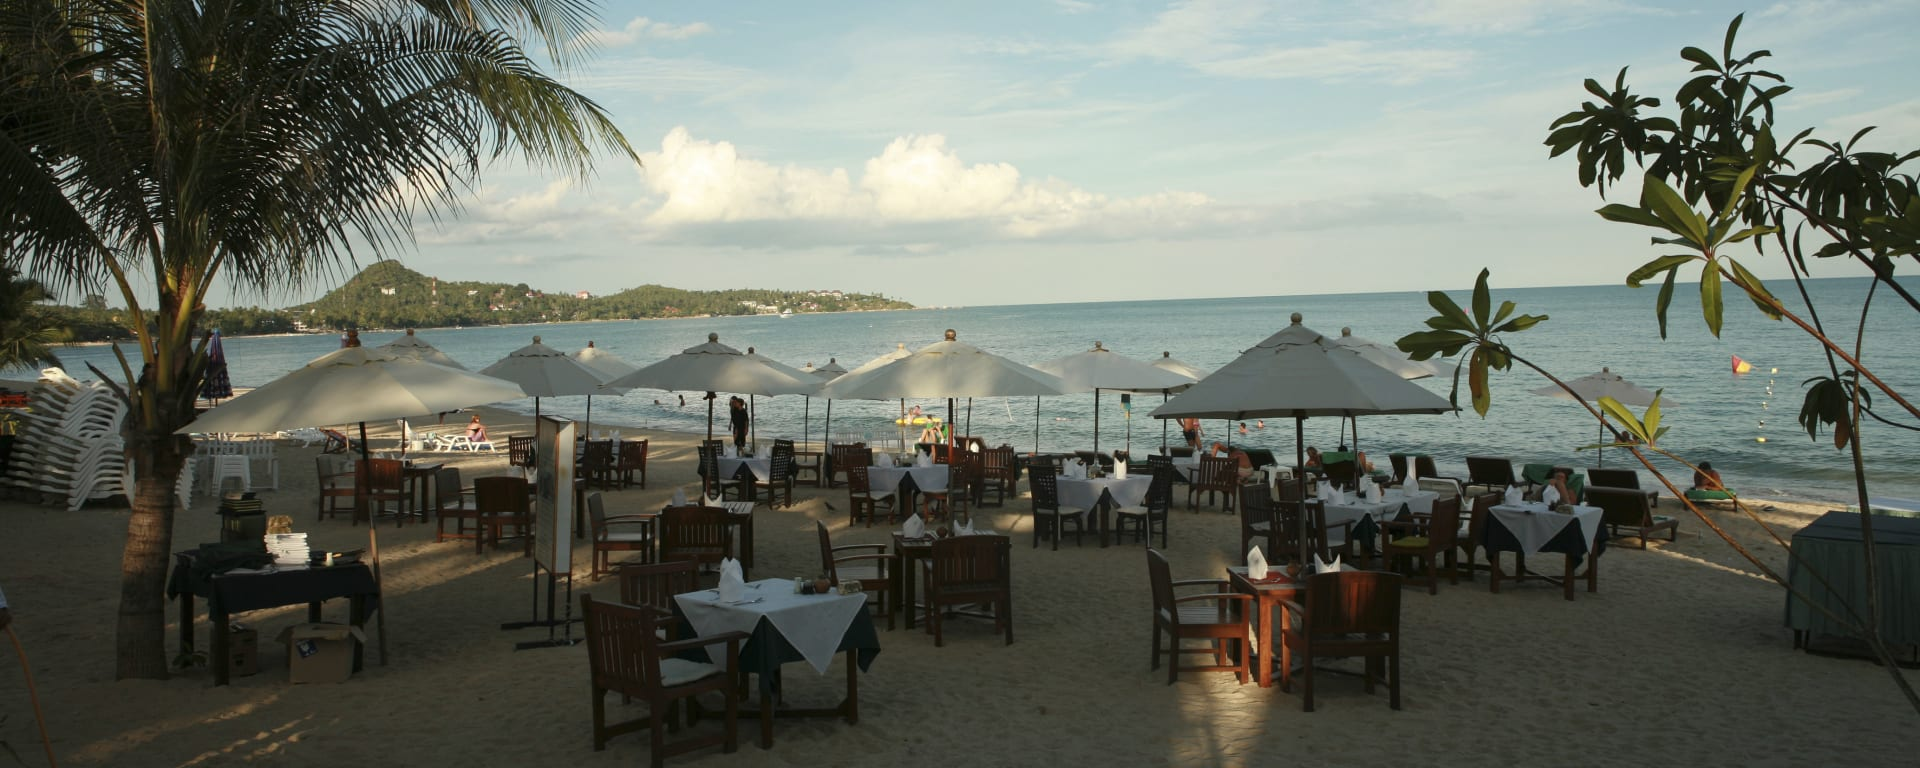 Samui Jasmine Resort in Ko Samui: Thailand Samui Jasmine Resort Restaurant